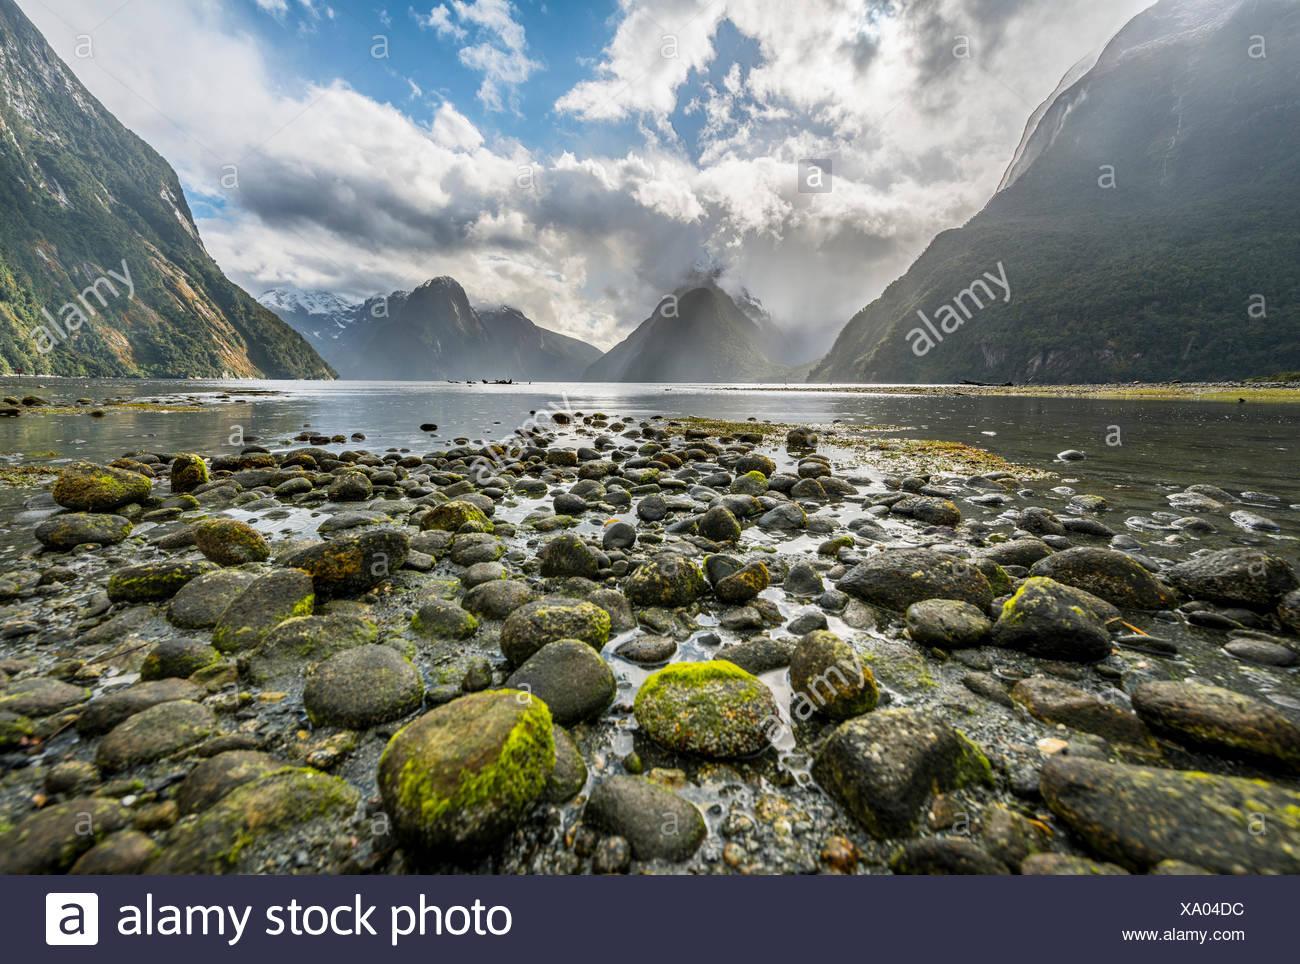 Les pierres couvertes de mousse, Mitre Peak, Milford Sound, Fiordland National Park, Te Anau, Southland Région, Southland, Nouvelle-Zélande Photo Stock